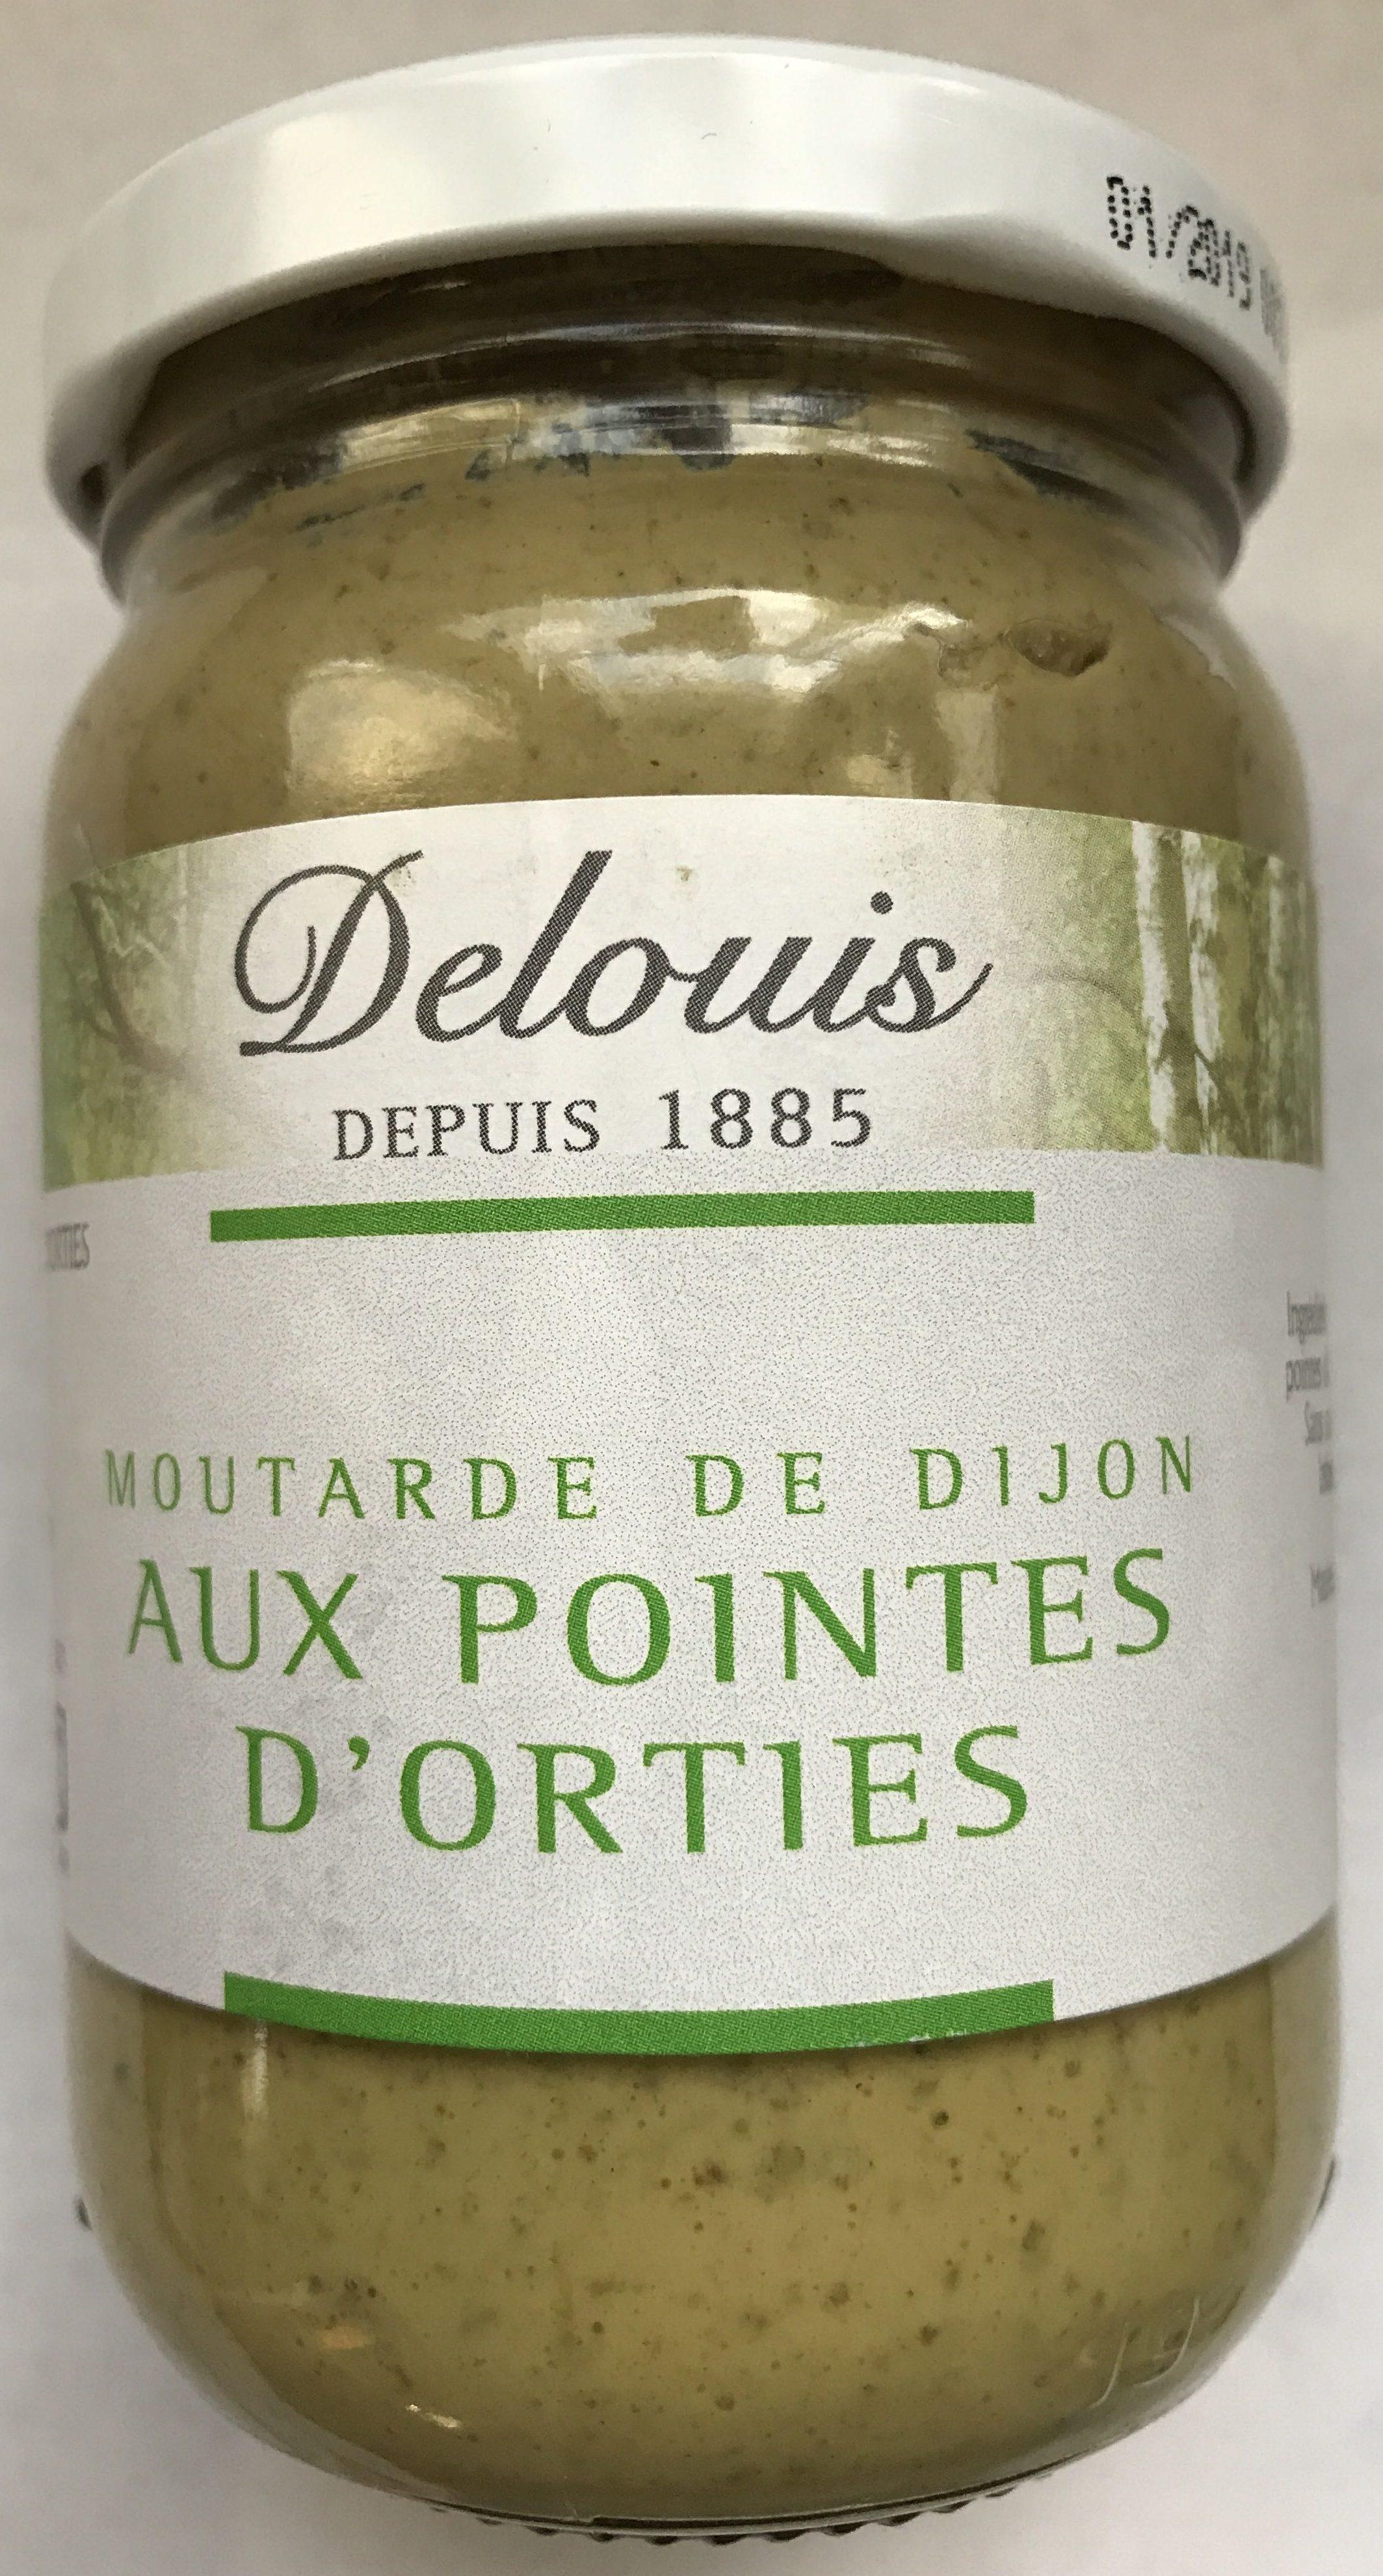 Moutarde de Dijon aux pointes d'orties - Product - fr